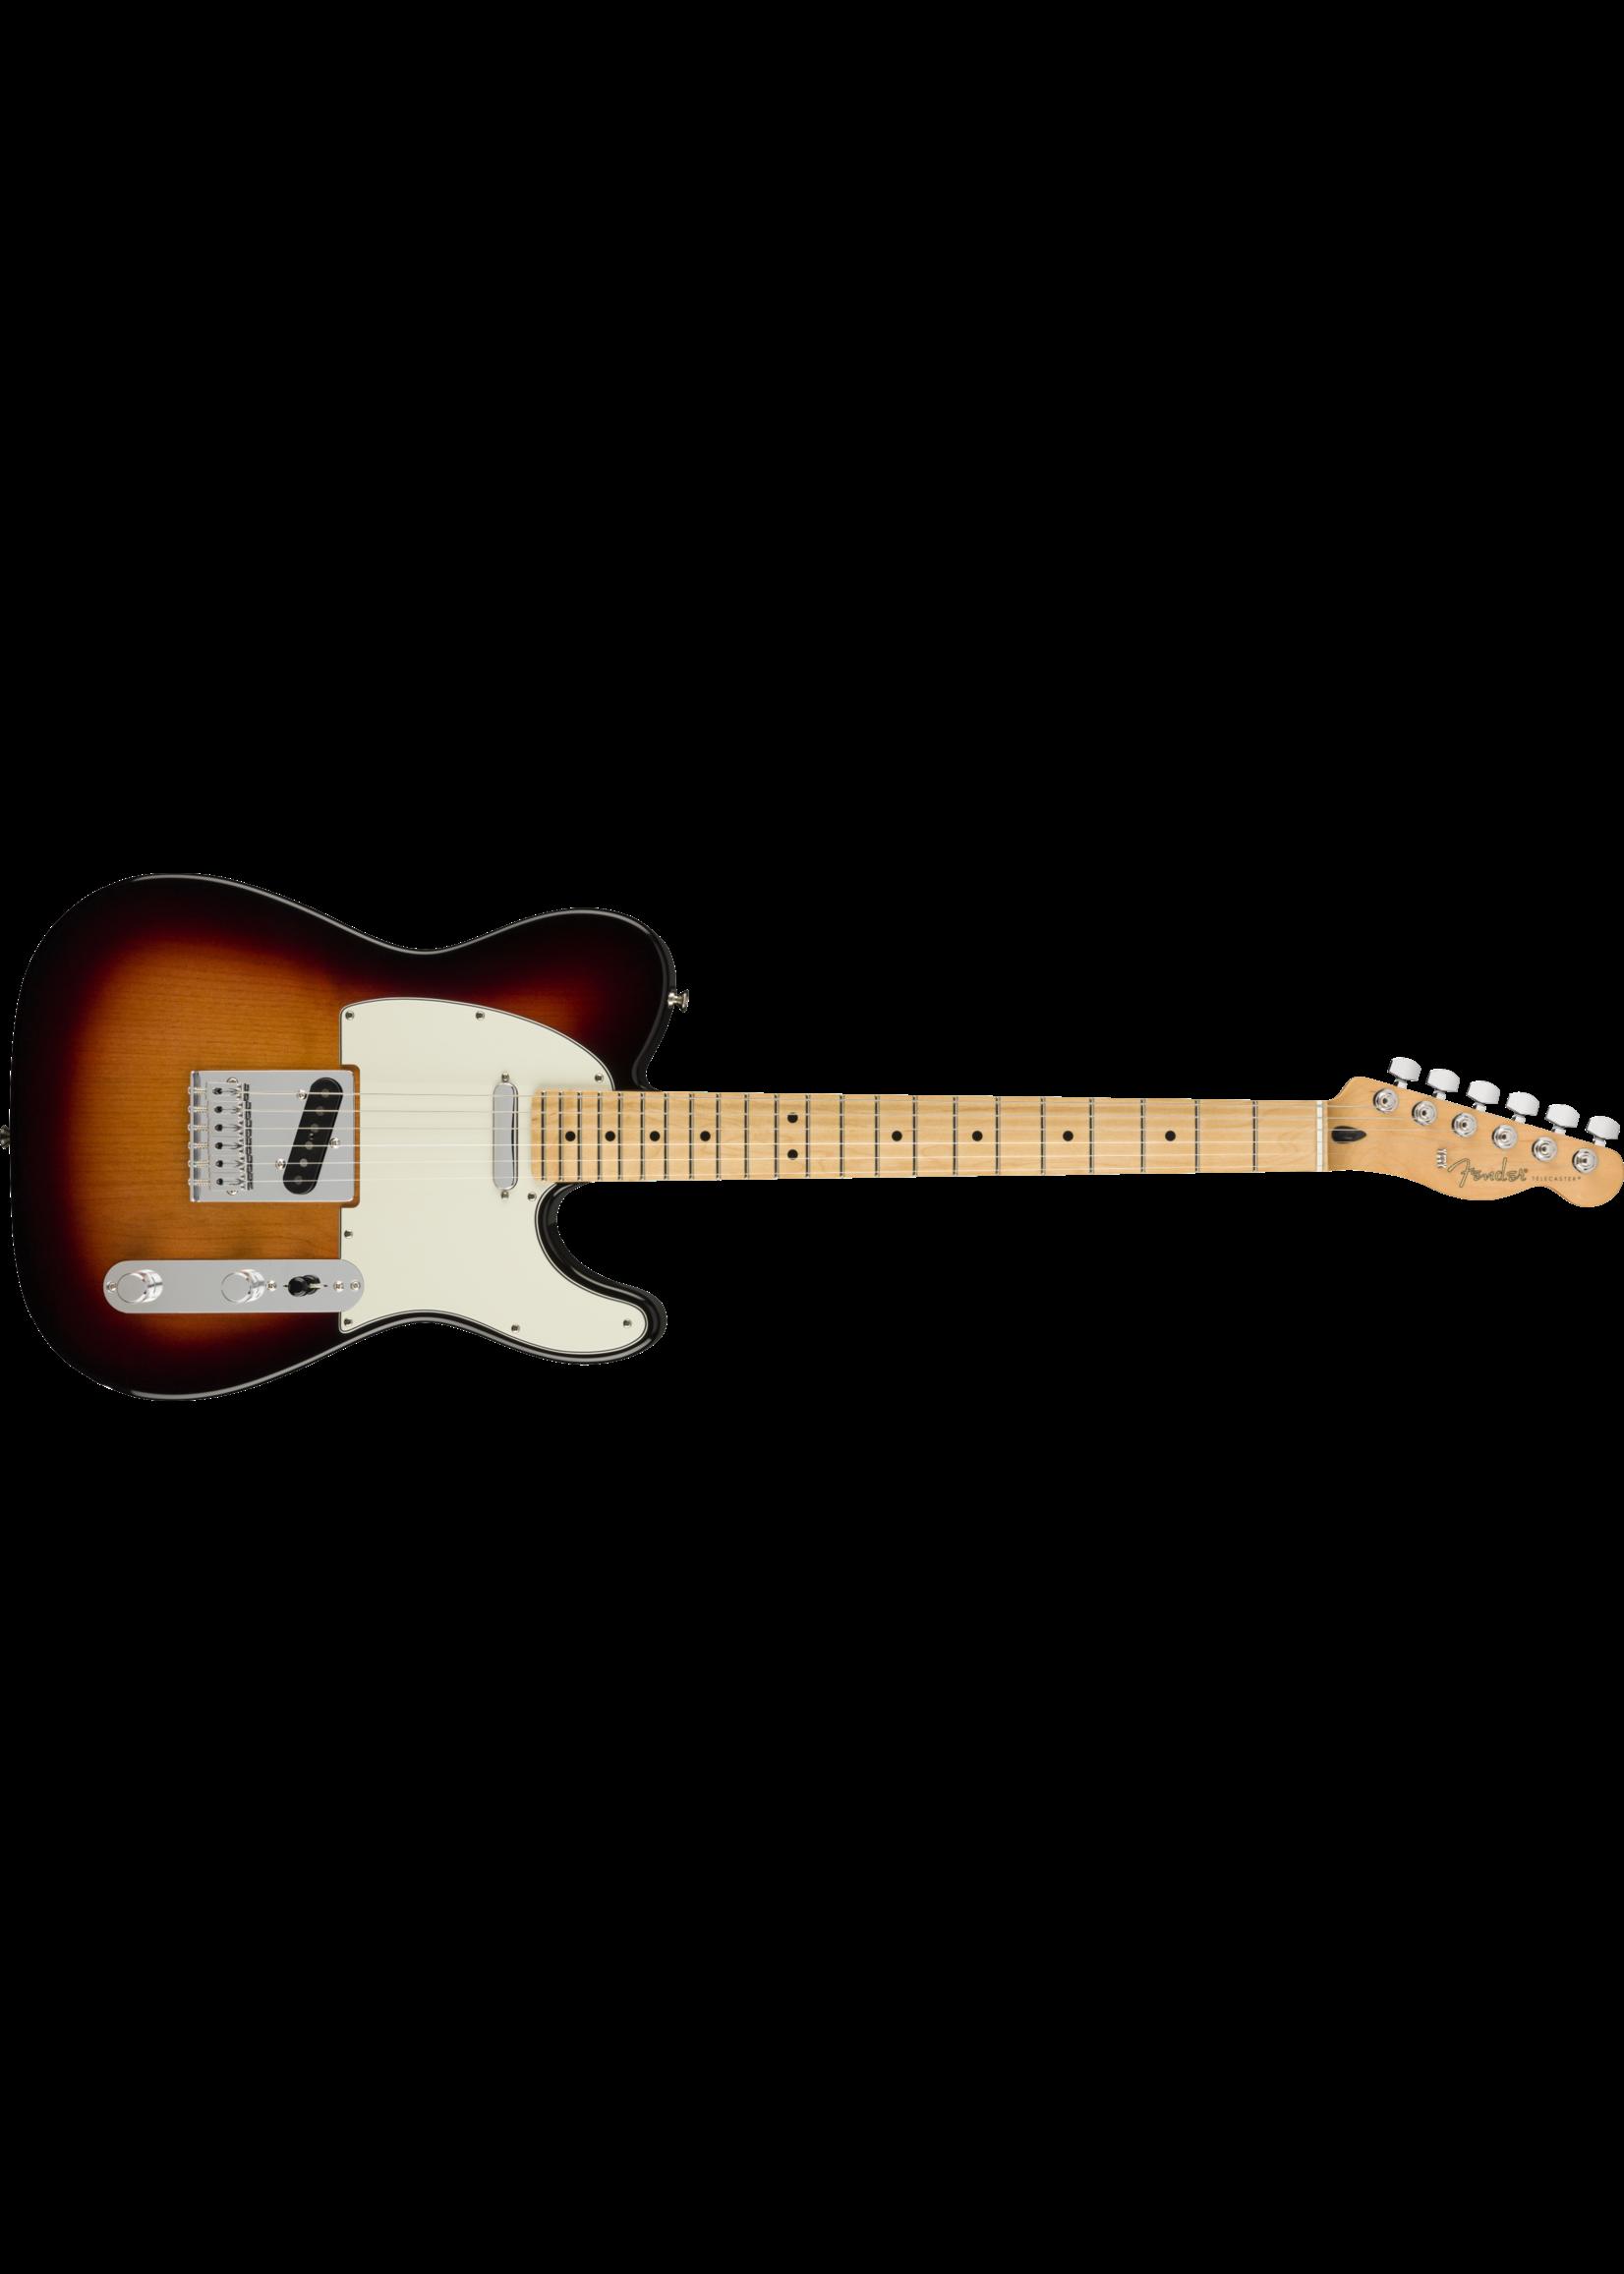 Fender Fender Player Telecaster MN Maple Neck Sunburst